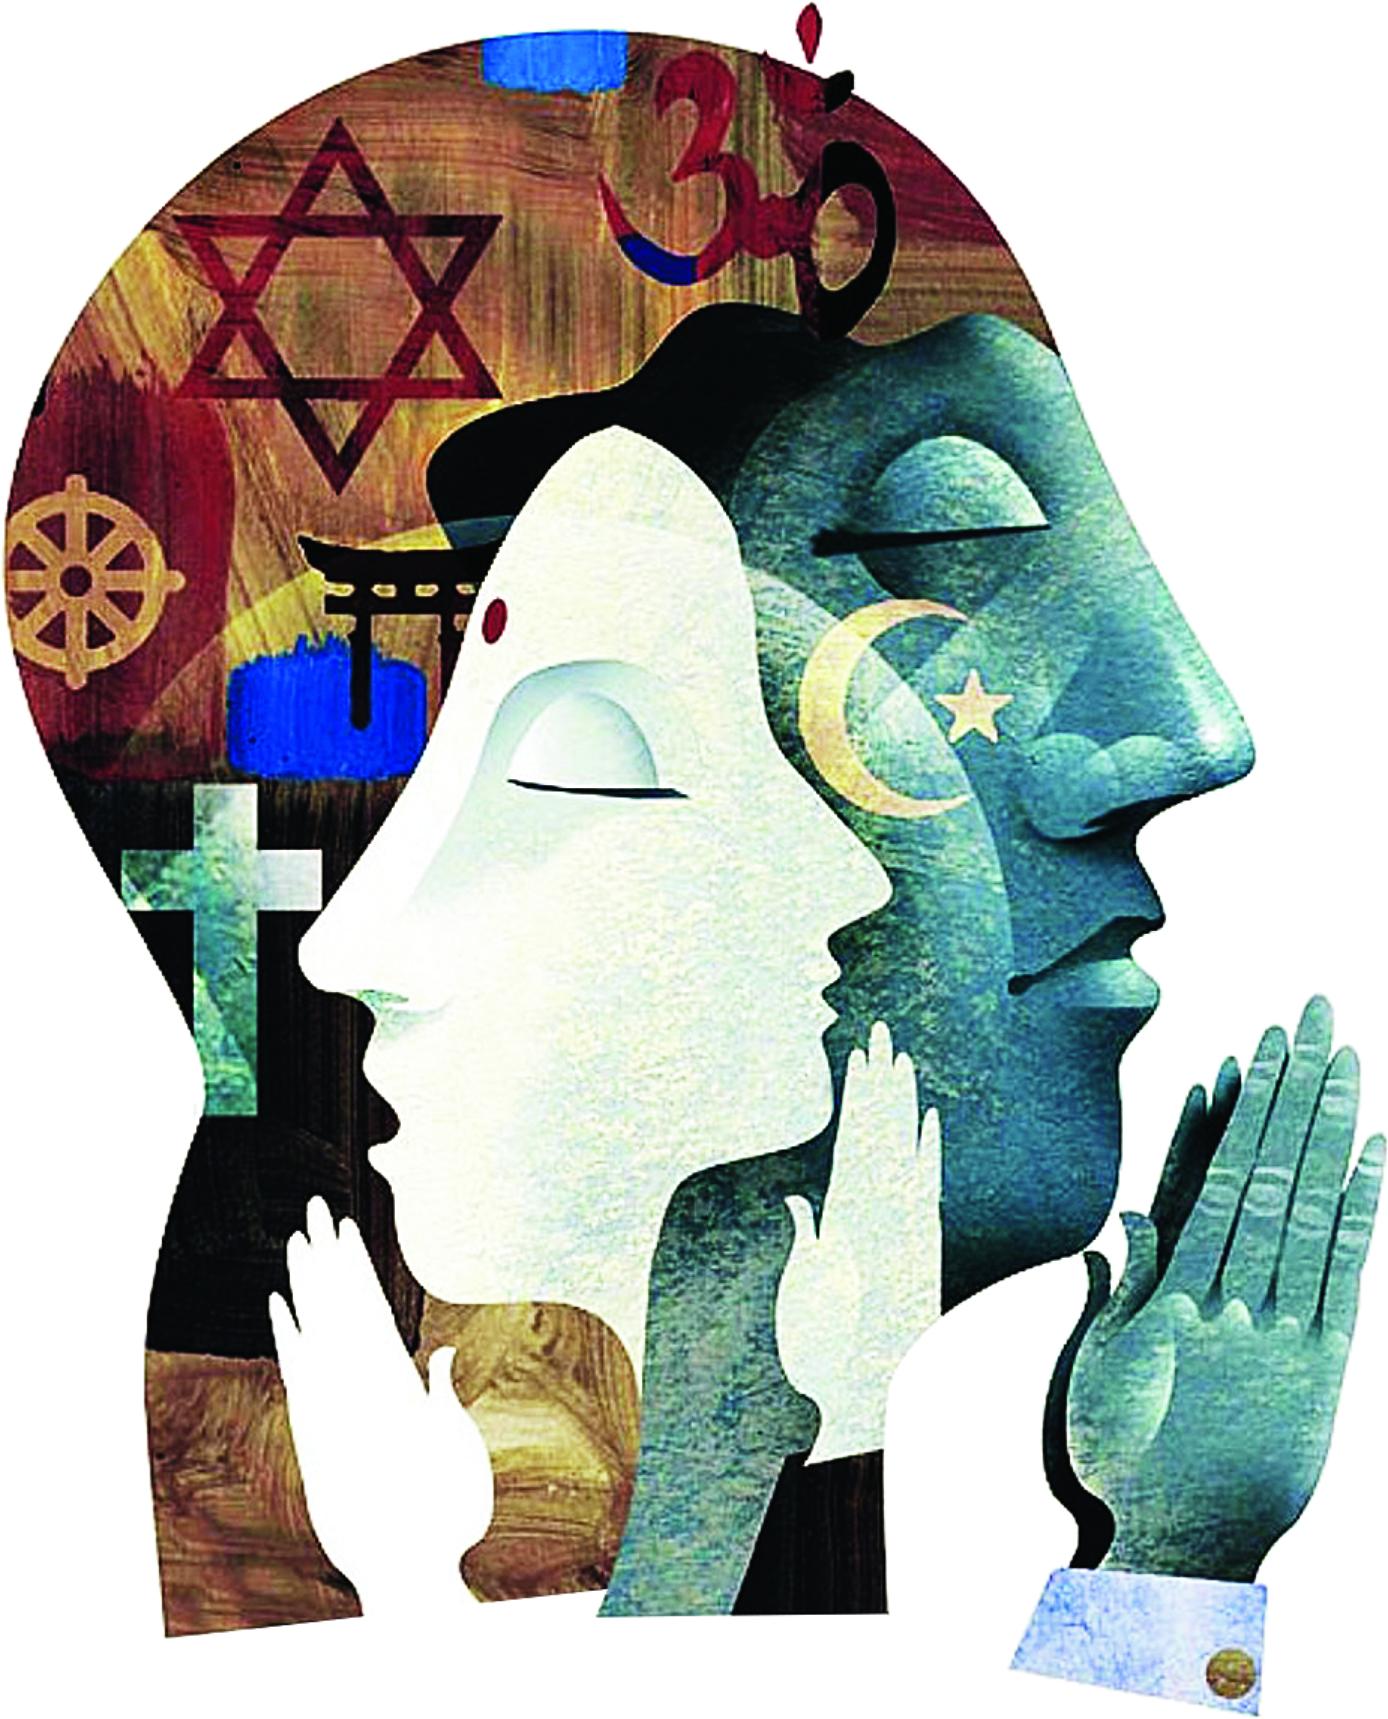 મન'રૂપી દીવાલ પવિત્ર હશે તો ત્યાં ધર્મનો આકાર આપી શકાશે